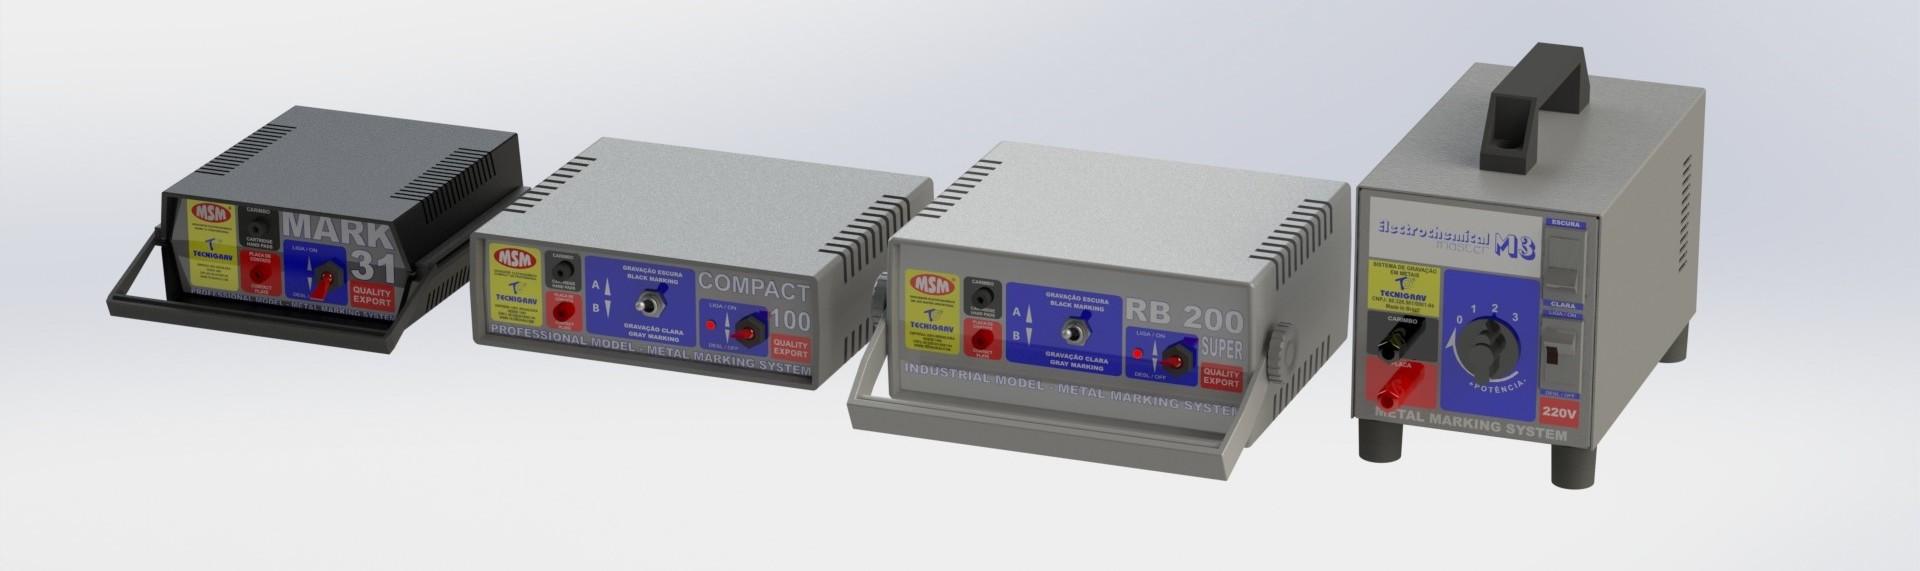 4-aparelhos-e1480422934578